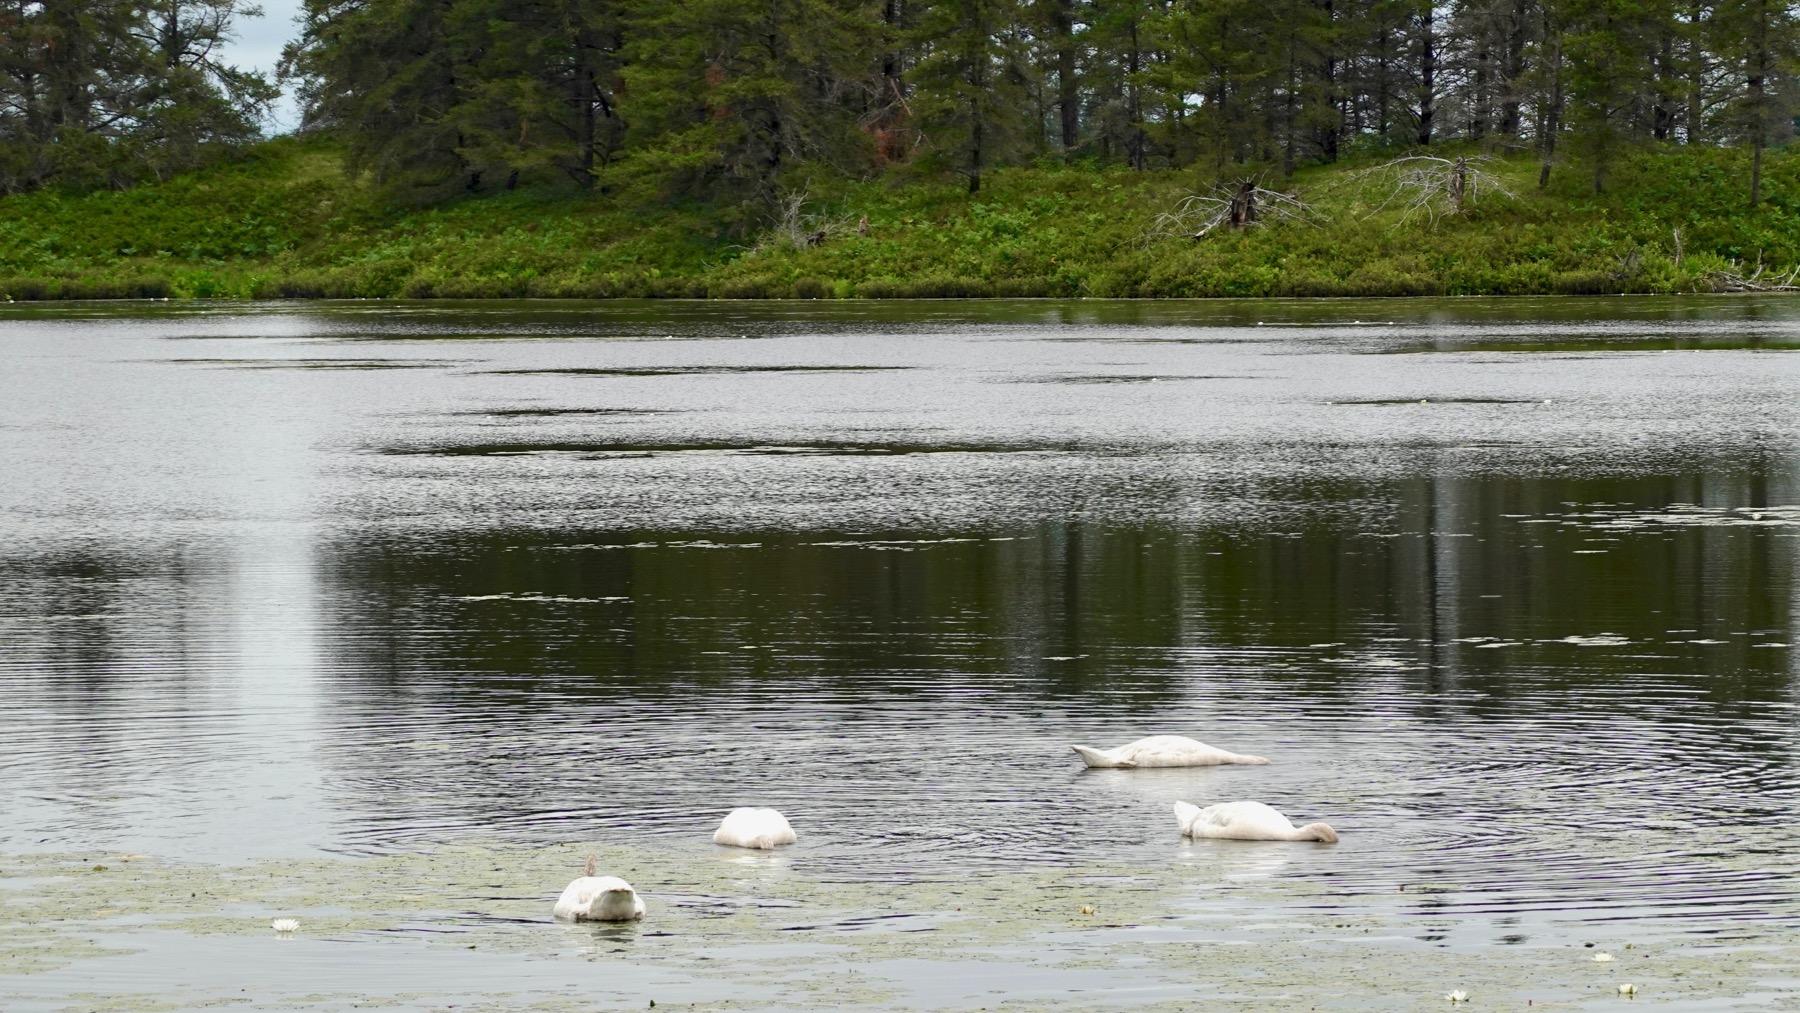 Four swan feeding